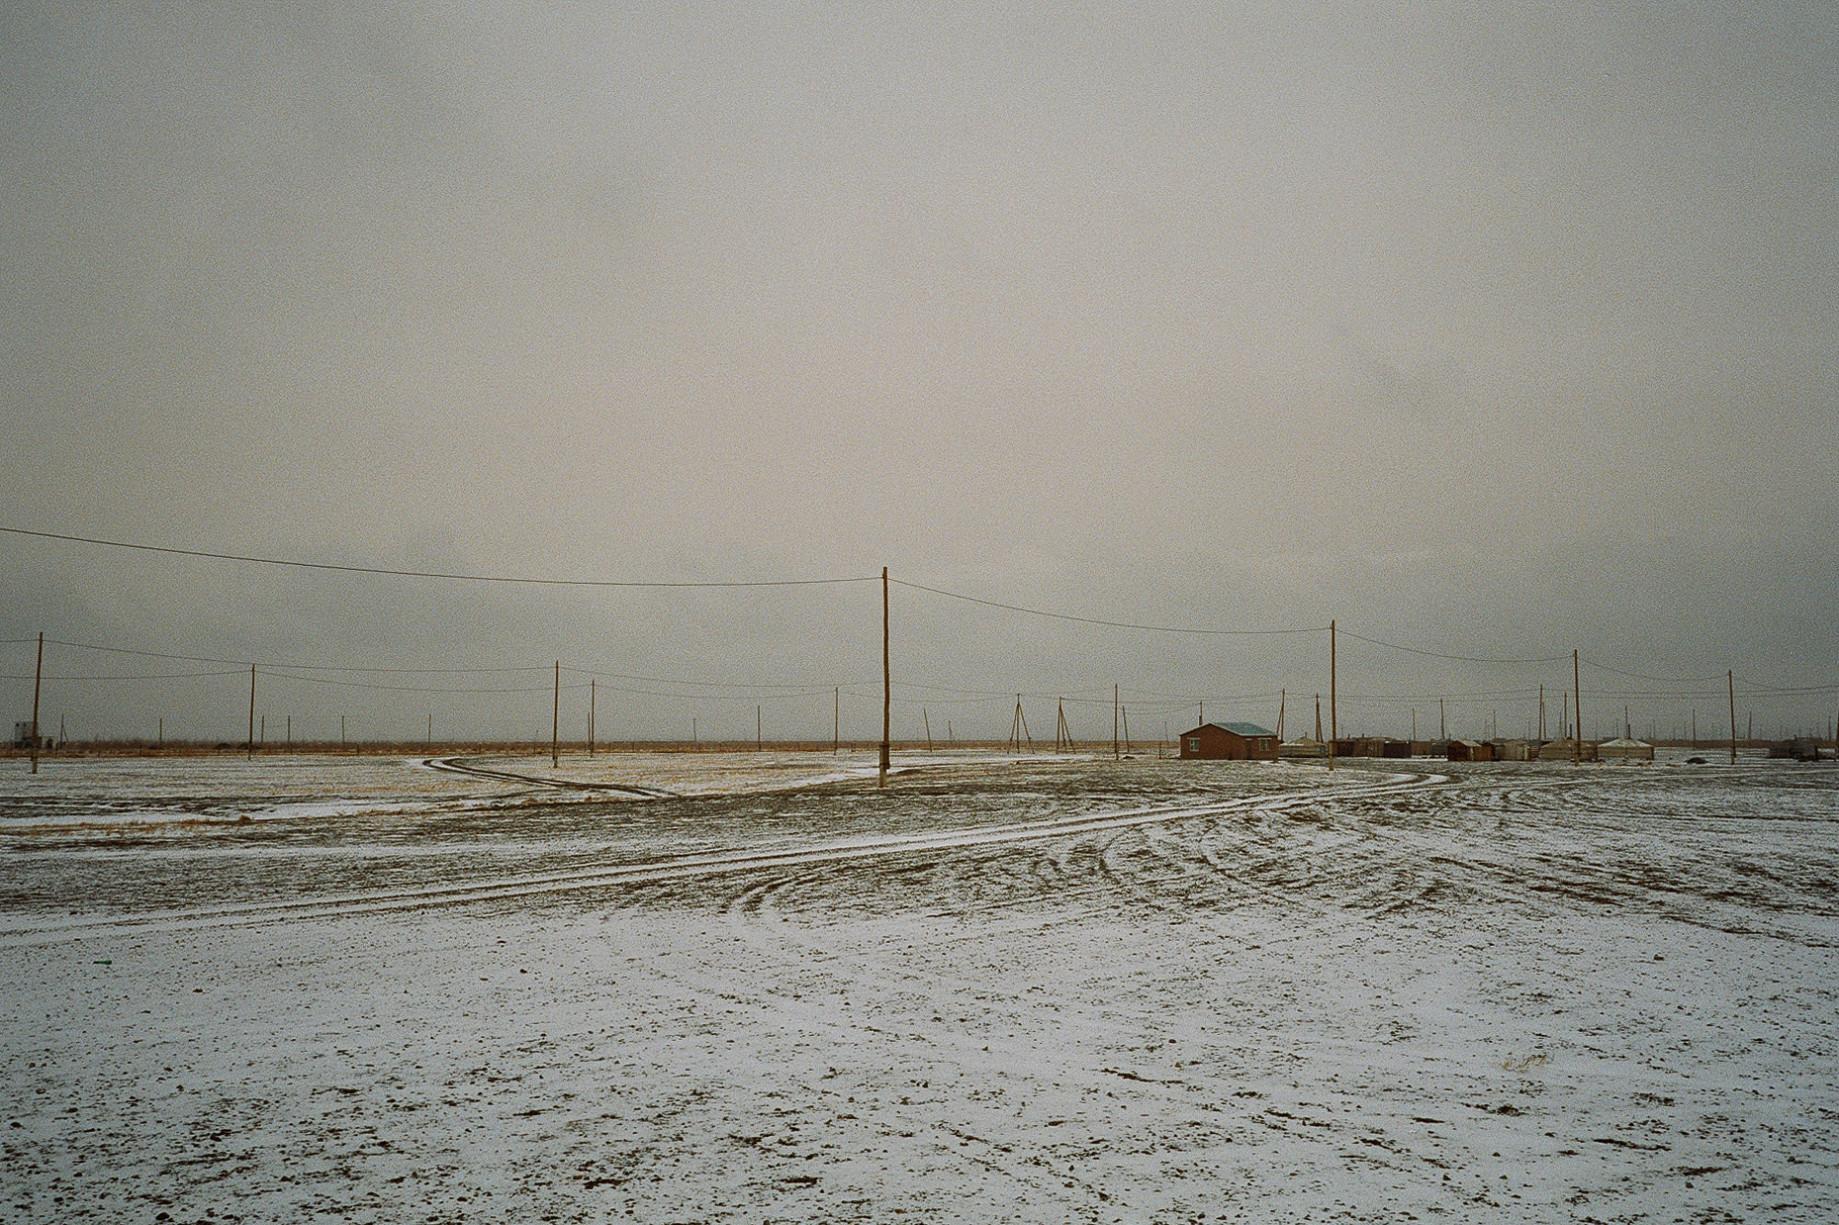 simonweller-mongolia-gobivillage